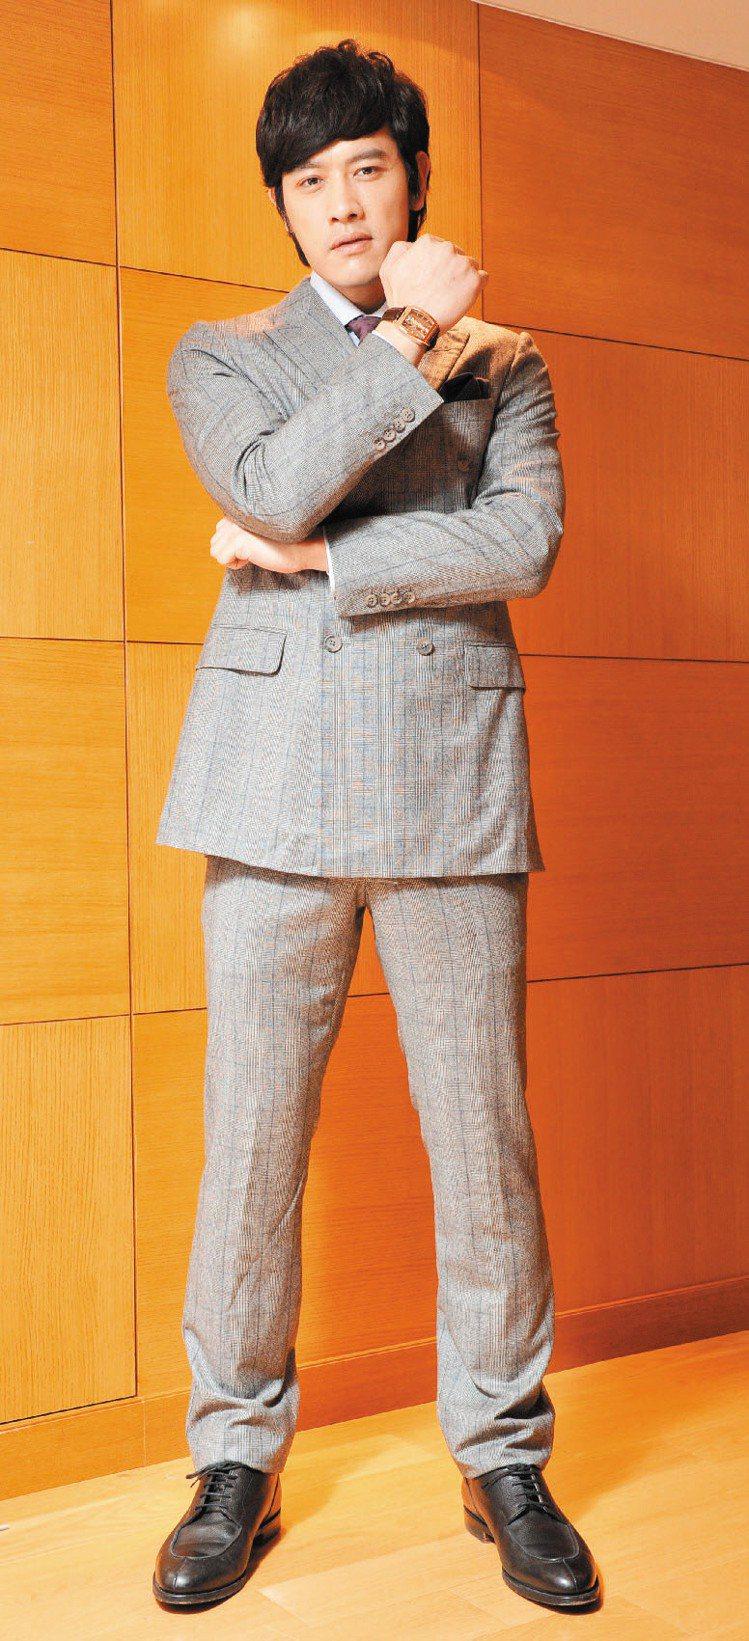 張勛傑西裝造型英挺,配戴的是崑崙金橋表。Dunhill西裝成套95,500元、襯...